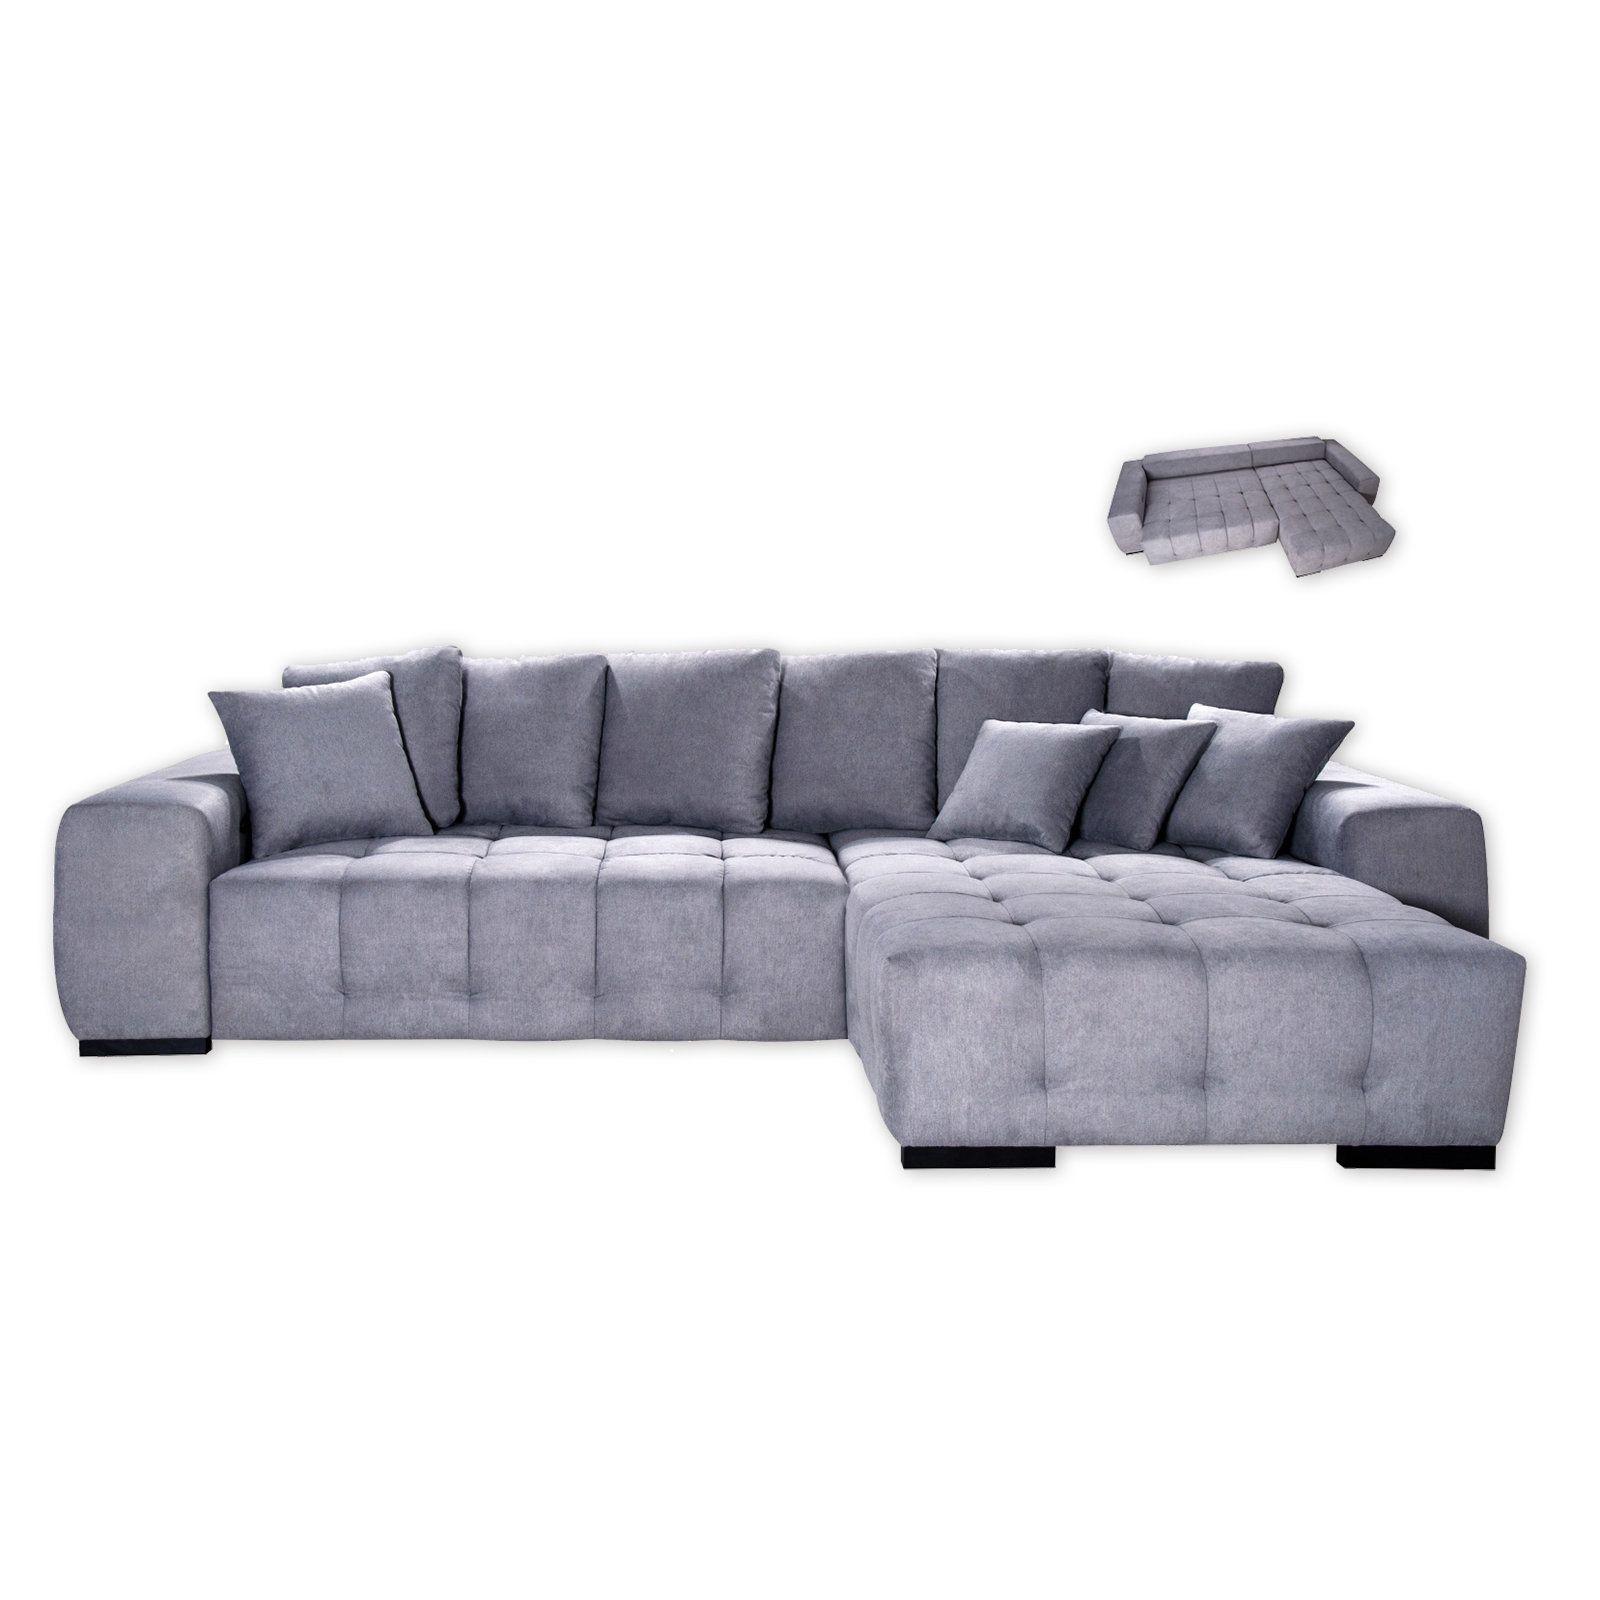 Erstaunlich Sofa Mit Sitztiefenverstellung Referenz Von Ecksofa - Hellgrau - Recamiere Rechts -